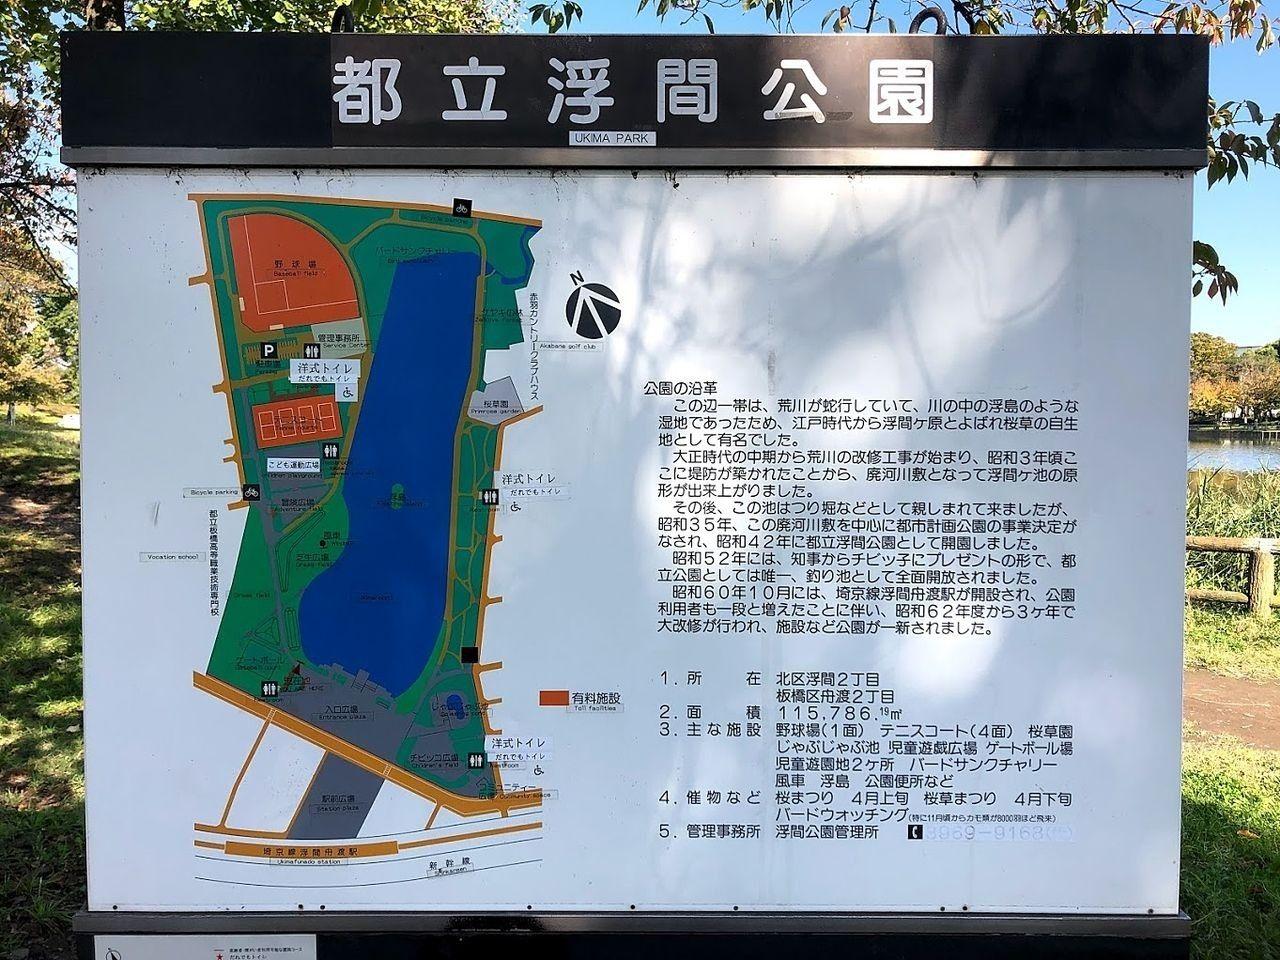 都立浮間公園の案内図